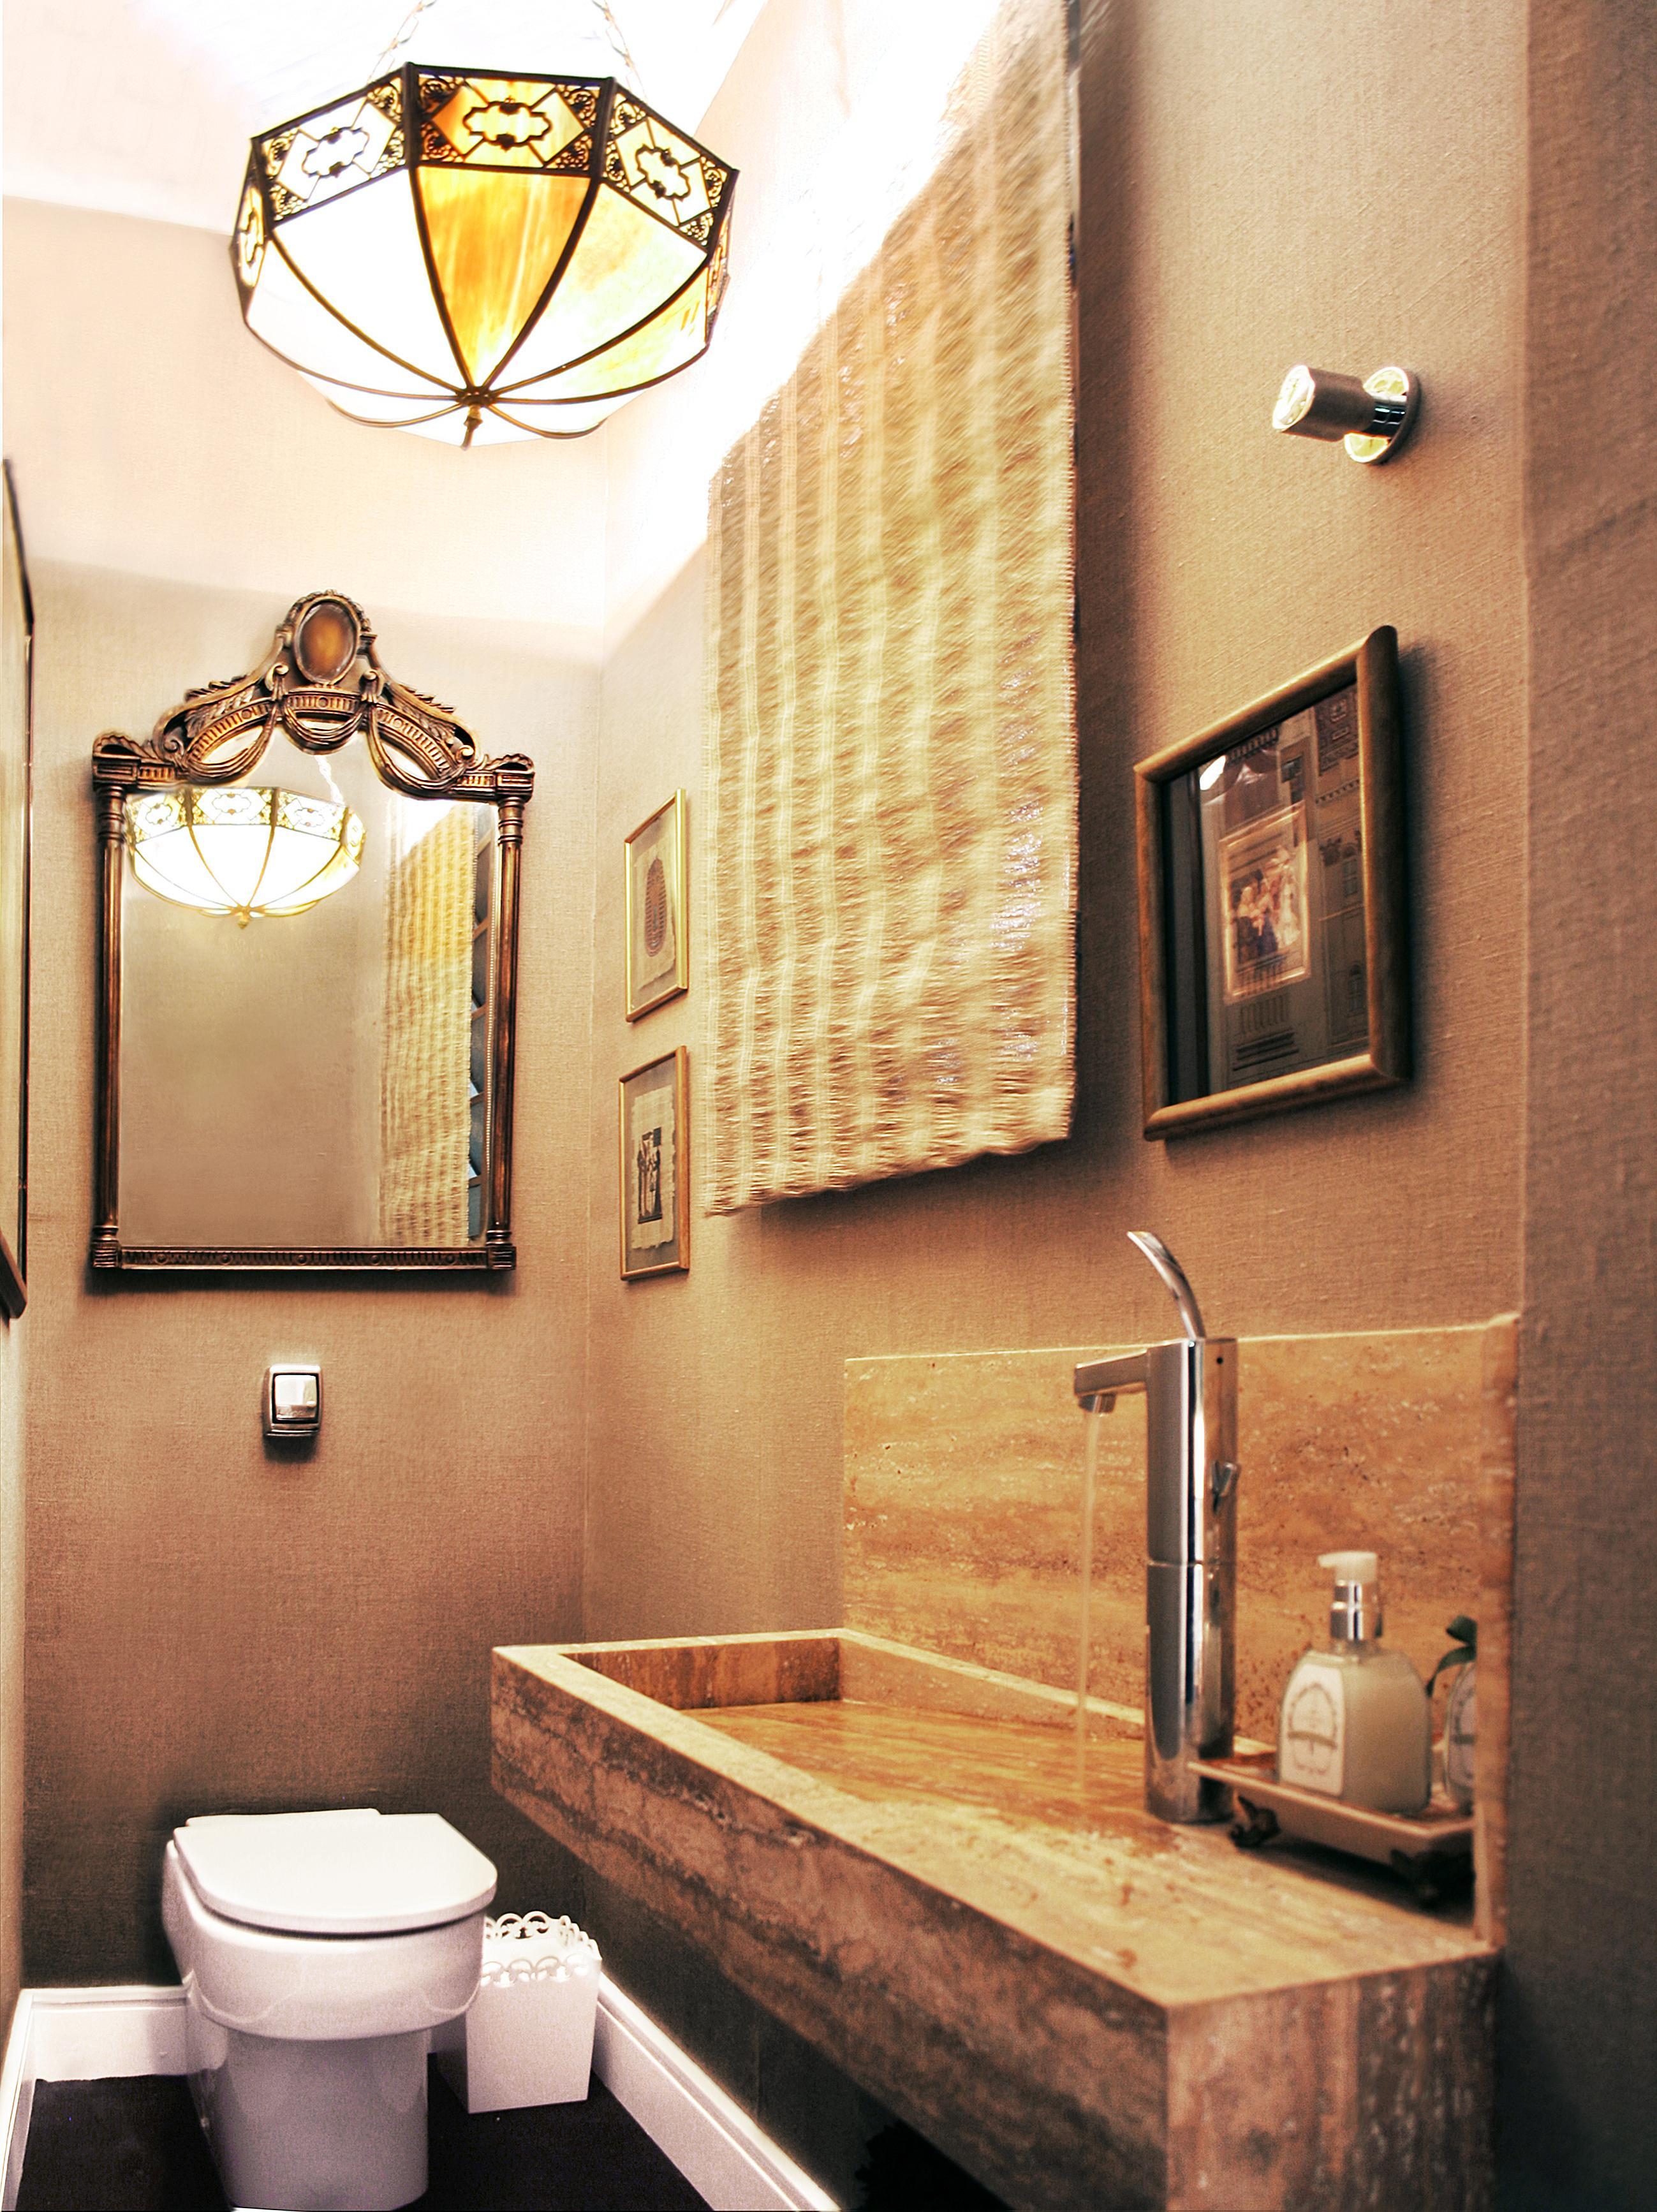 60 Bancadas com cubas e pias esculpidas – Fotos #C79304 2598x3468 Banheiro Bancada Branca